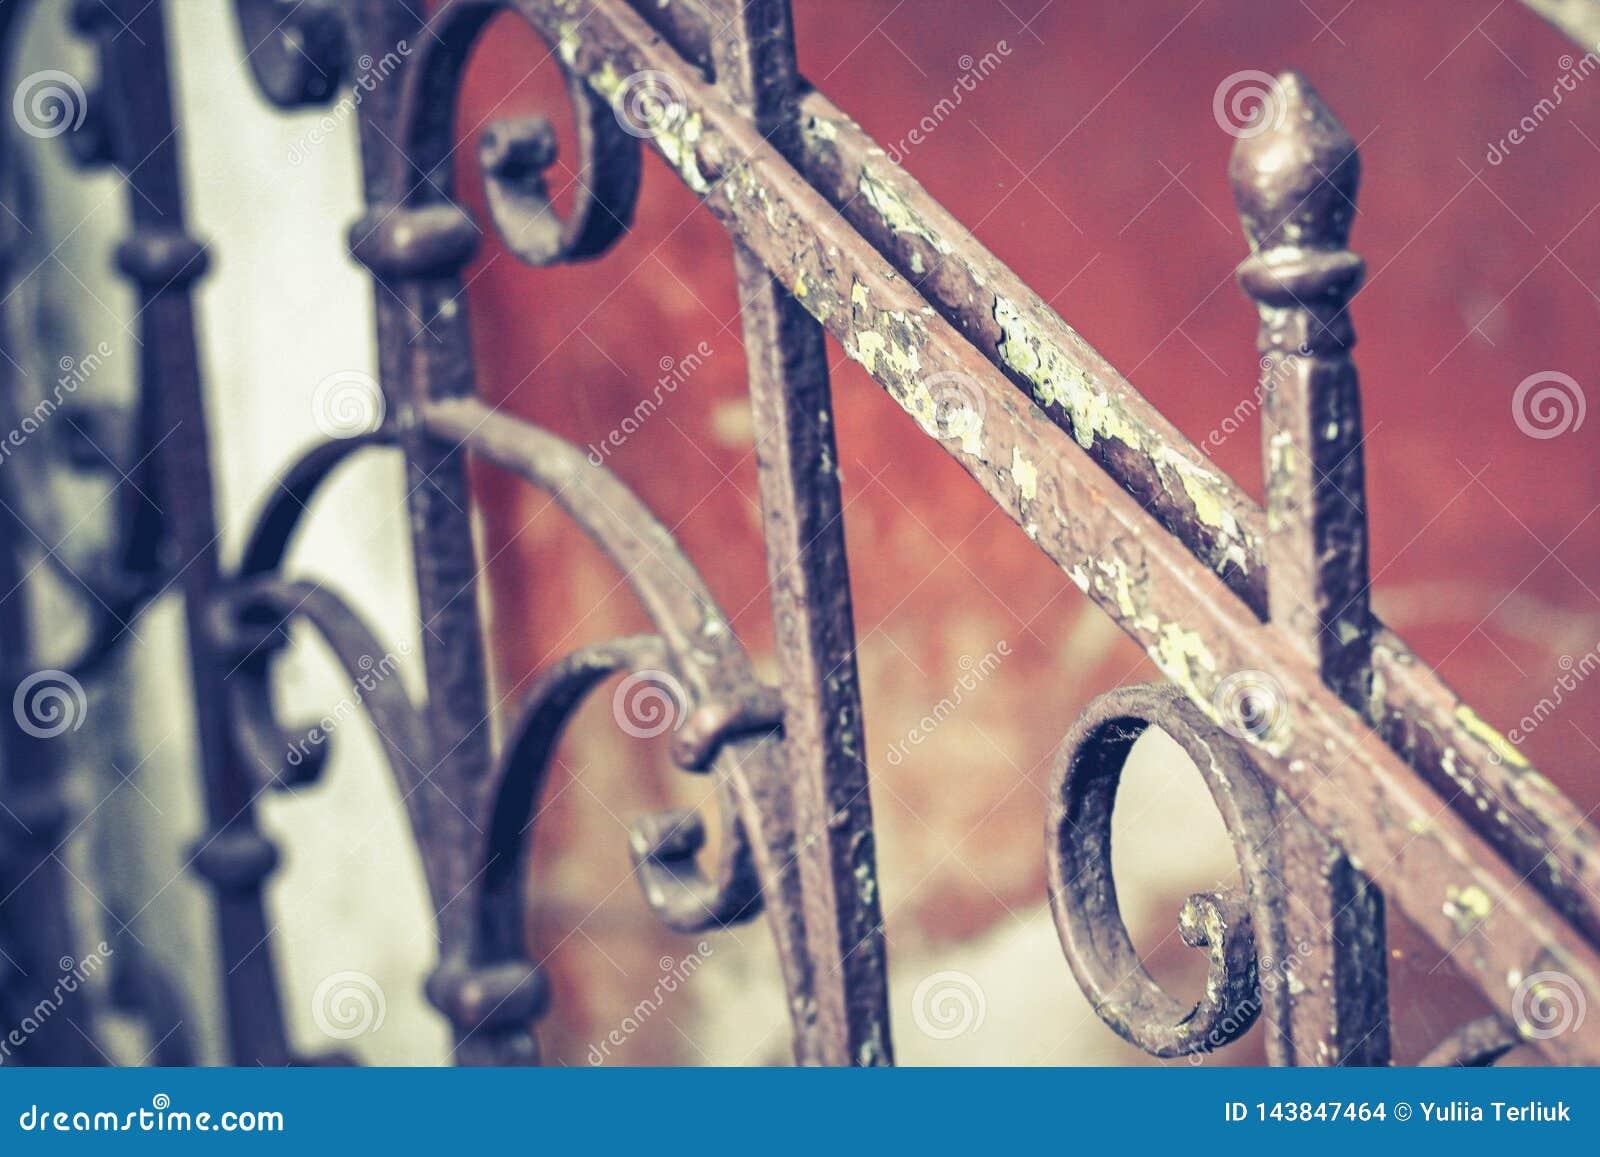 Gammal tappningräcke med rost på trappan i huset Falska räckemoment i huset